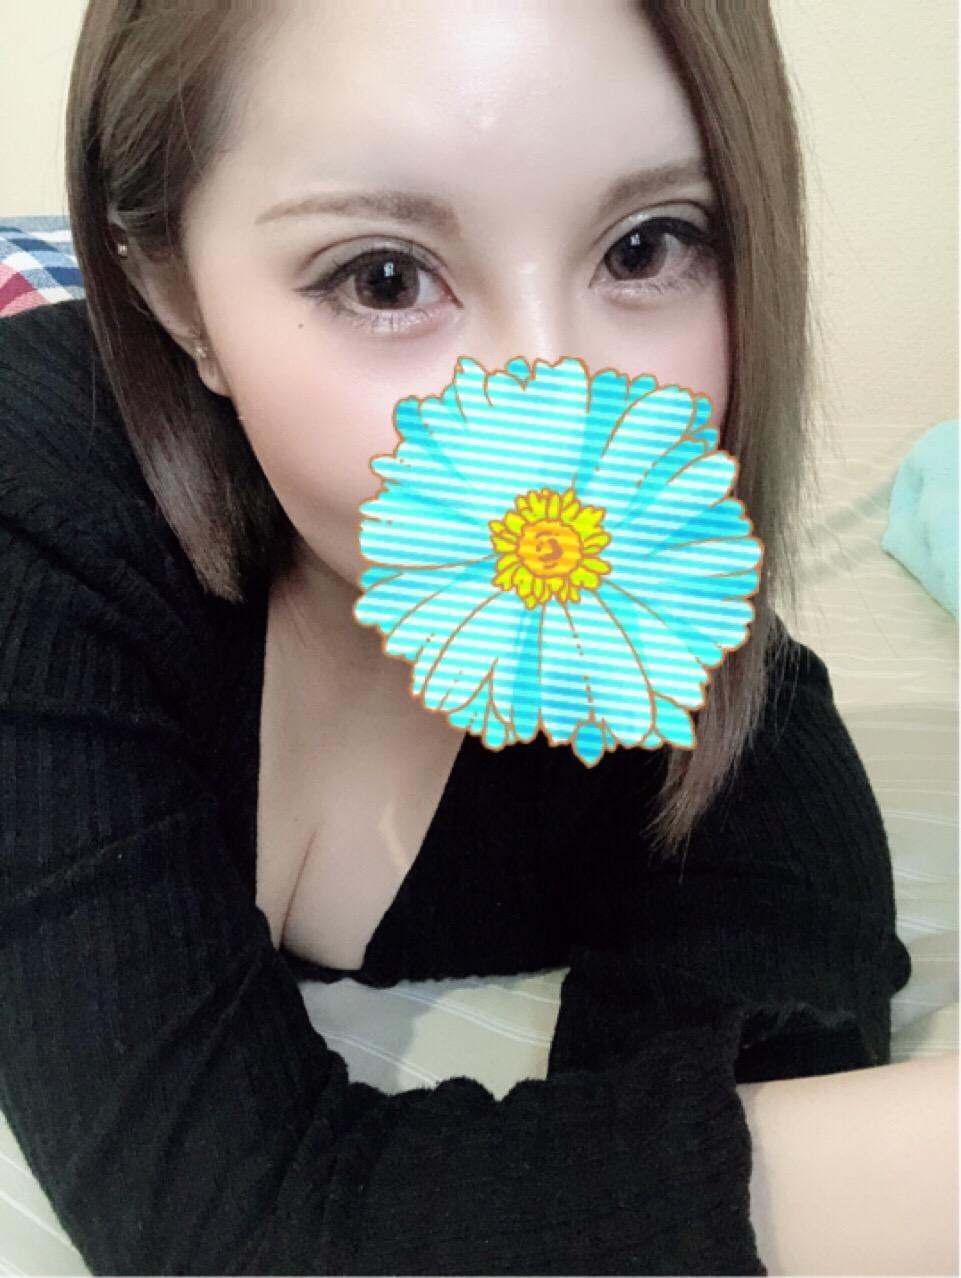 「ありがと❤」03/29(03/29) 02:09 | のぞみの写メ・風俗動画